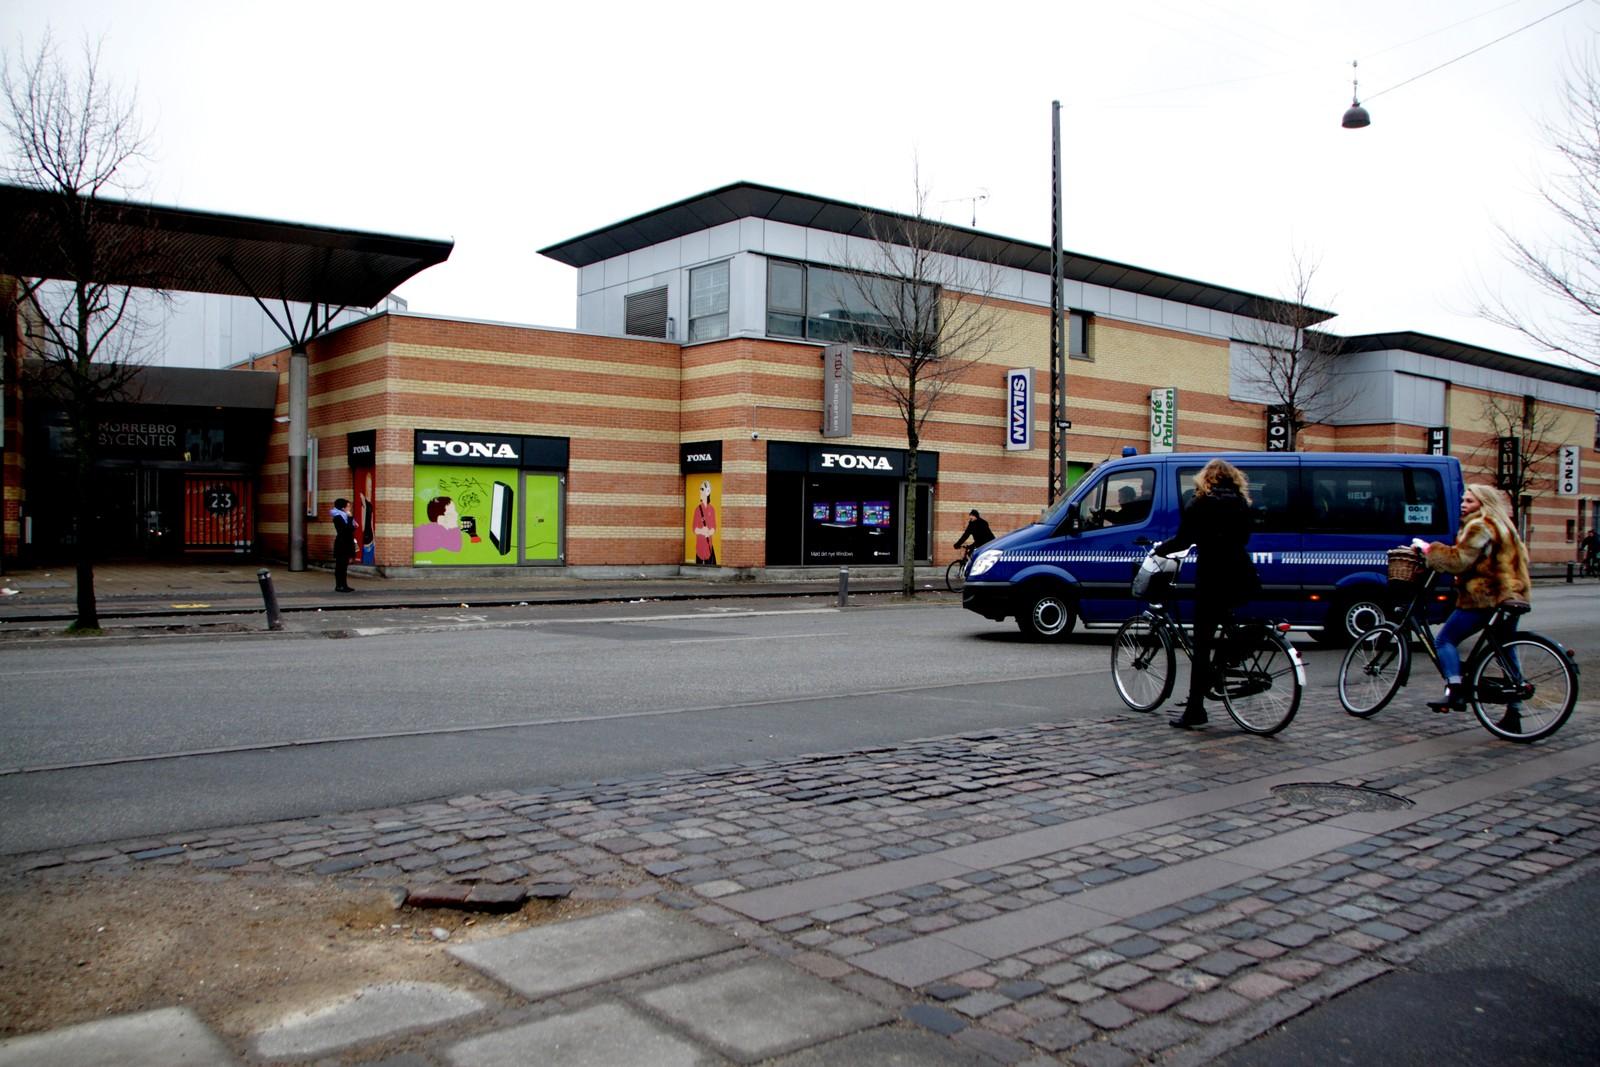 Flere steder i København sentrum er fortsatt sperret av. Dette bildet er tatt foran kjøpesenteret i Nørrebro.